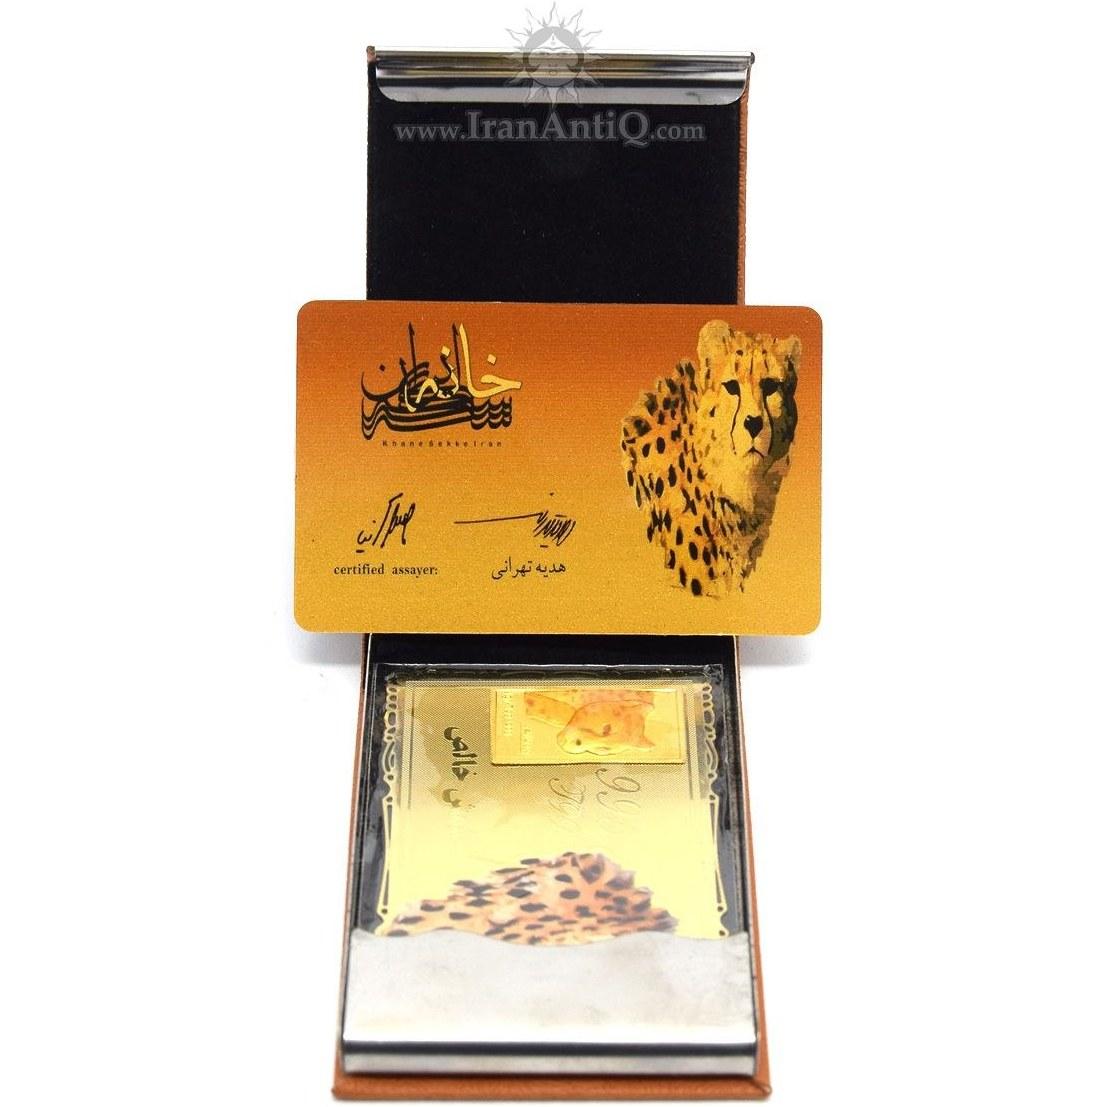 شمش طلا یوز پلنگ ایرانی (با جعبه فابریک) - یک گرمی | Iranian Cheetah Gold Bullion - 1 gram